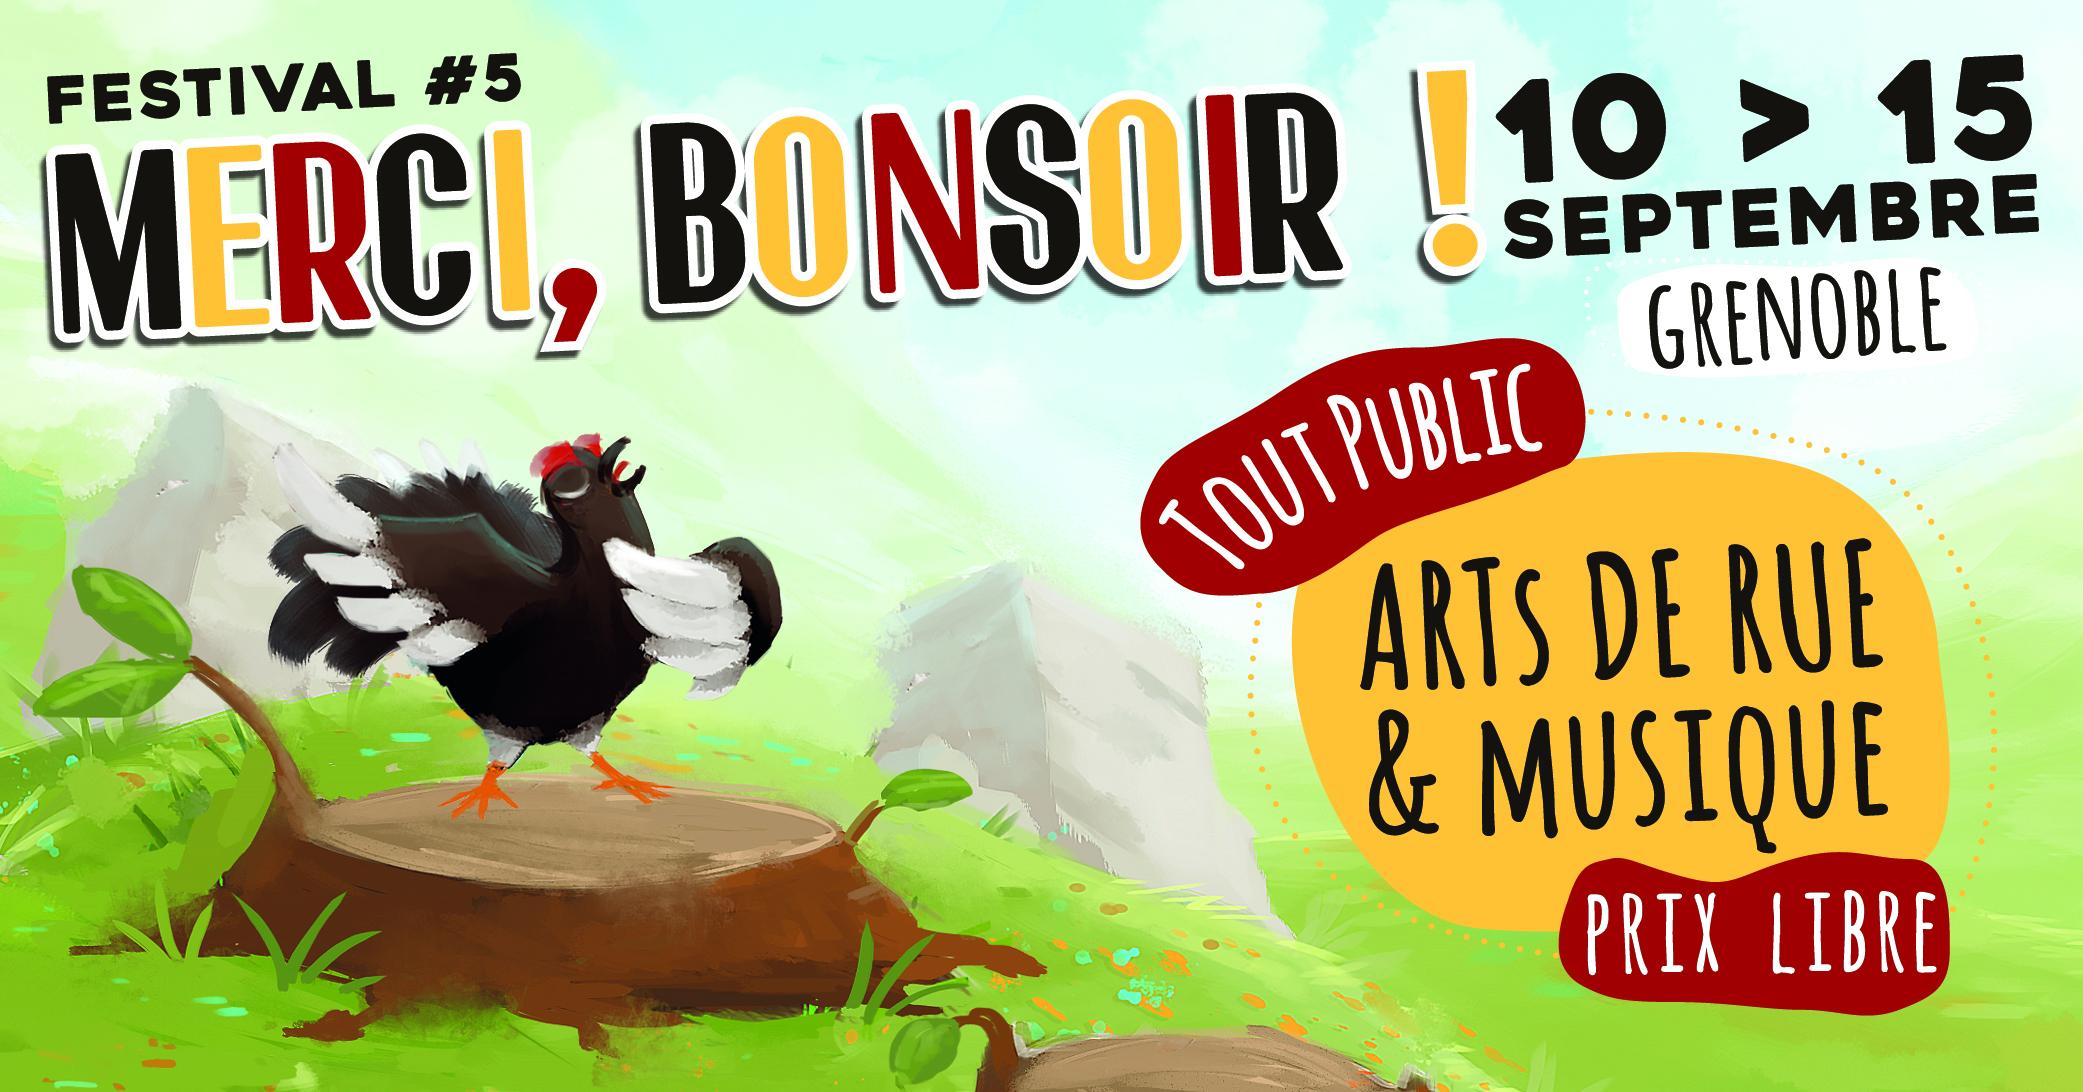 """Festival """"Merci, Bonsoir !"""" #5 - Arts de Rue et Musique - Grenoble - Mix'Arts en co-prod avec Le Prunier Sauvage"""